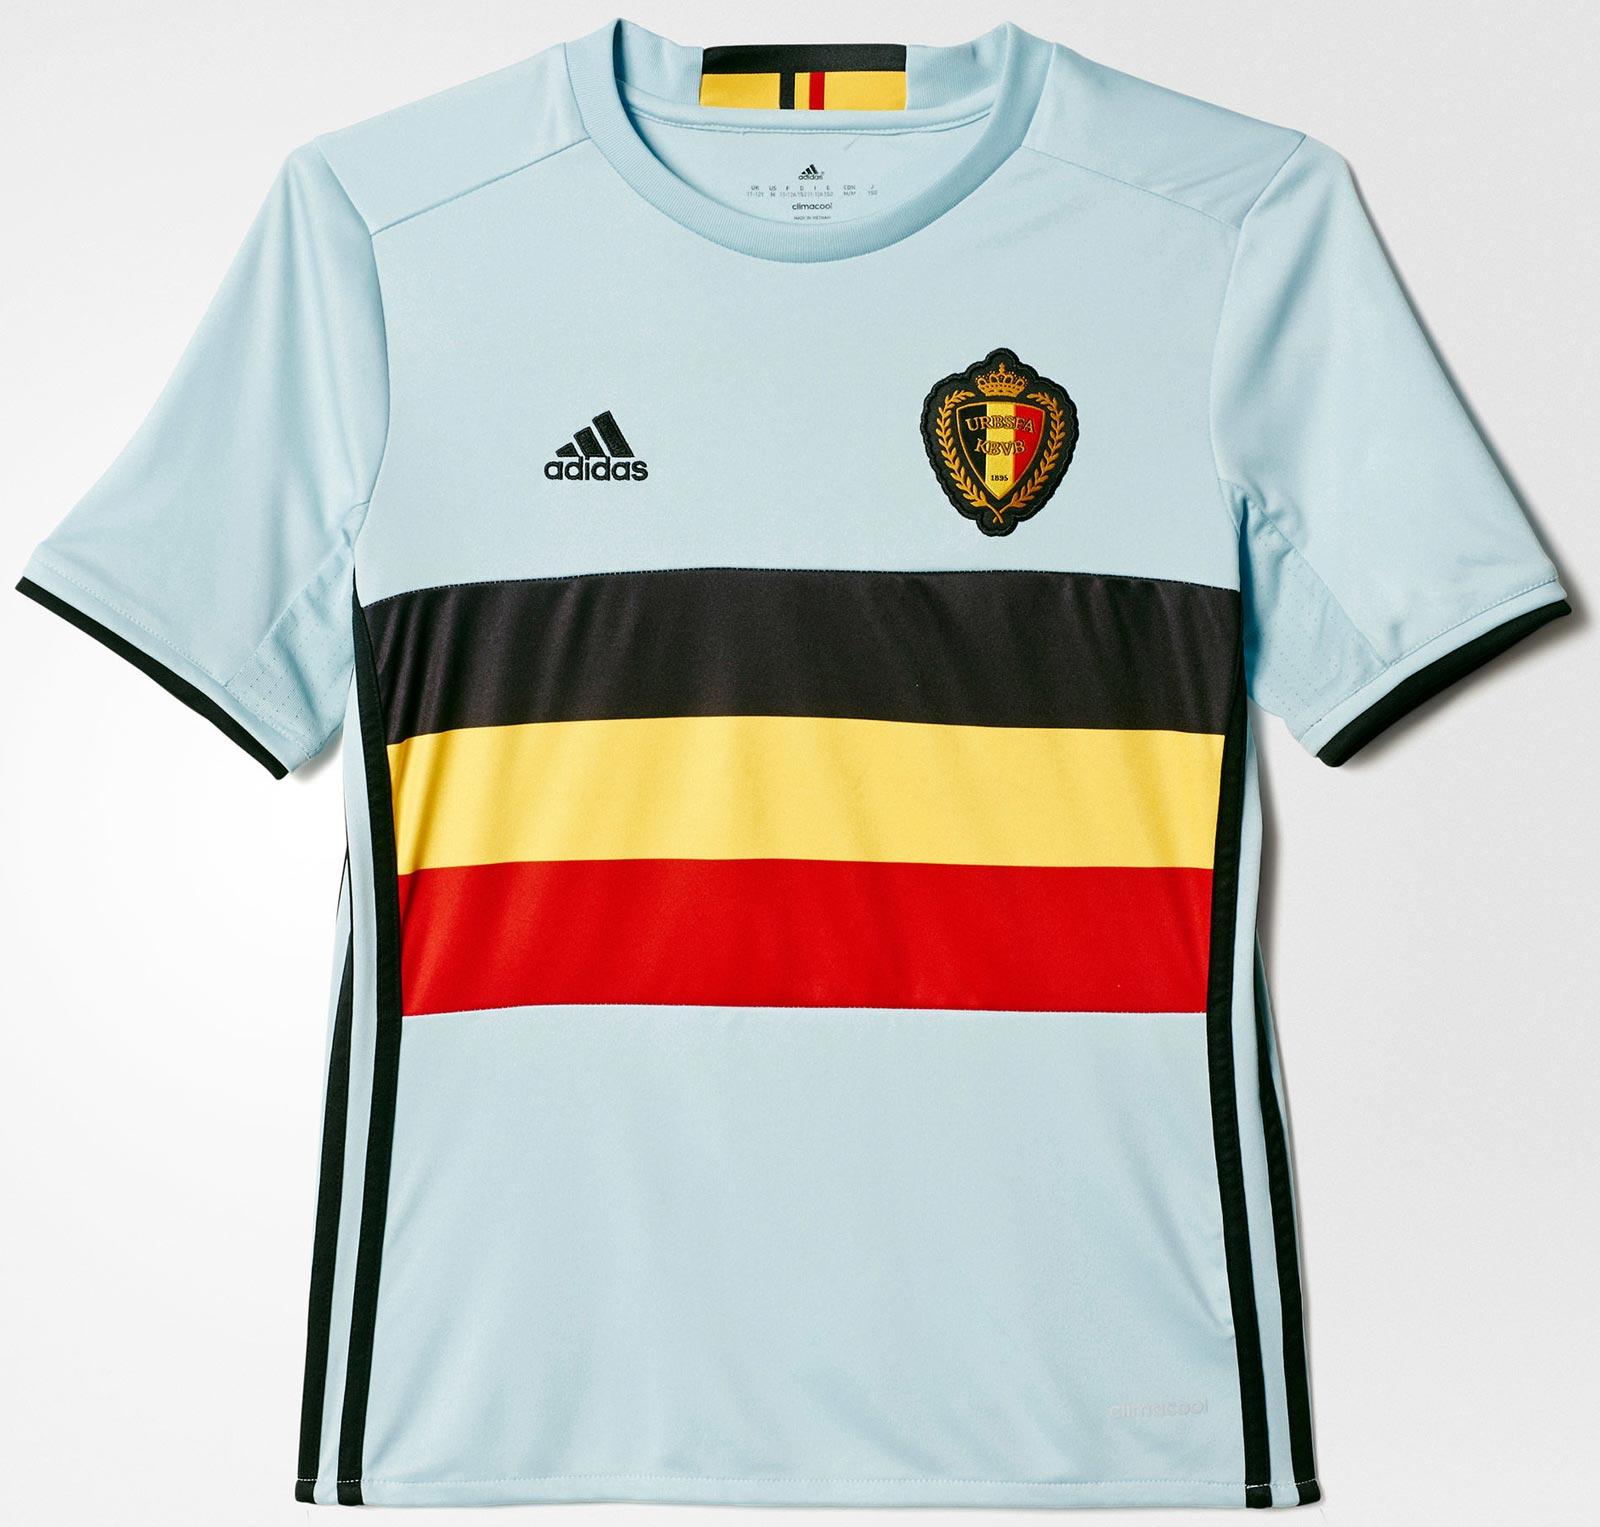 Adidas divulga nova camisa reserva da Bélgica - Show de Camisas 7351a10cef4db